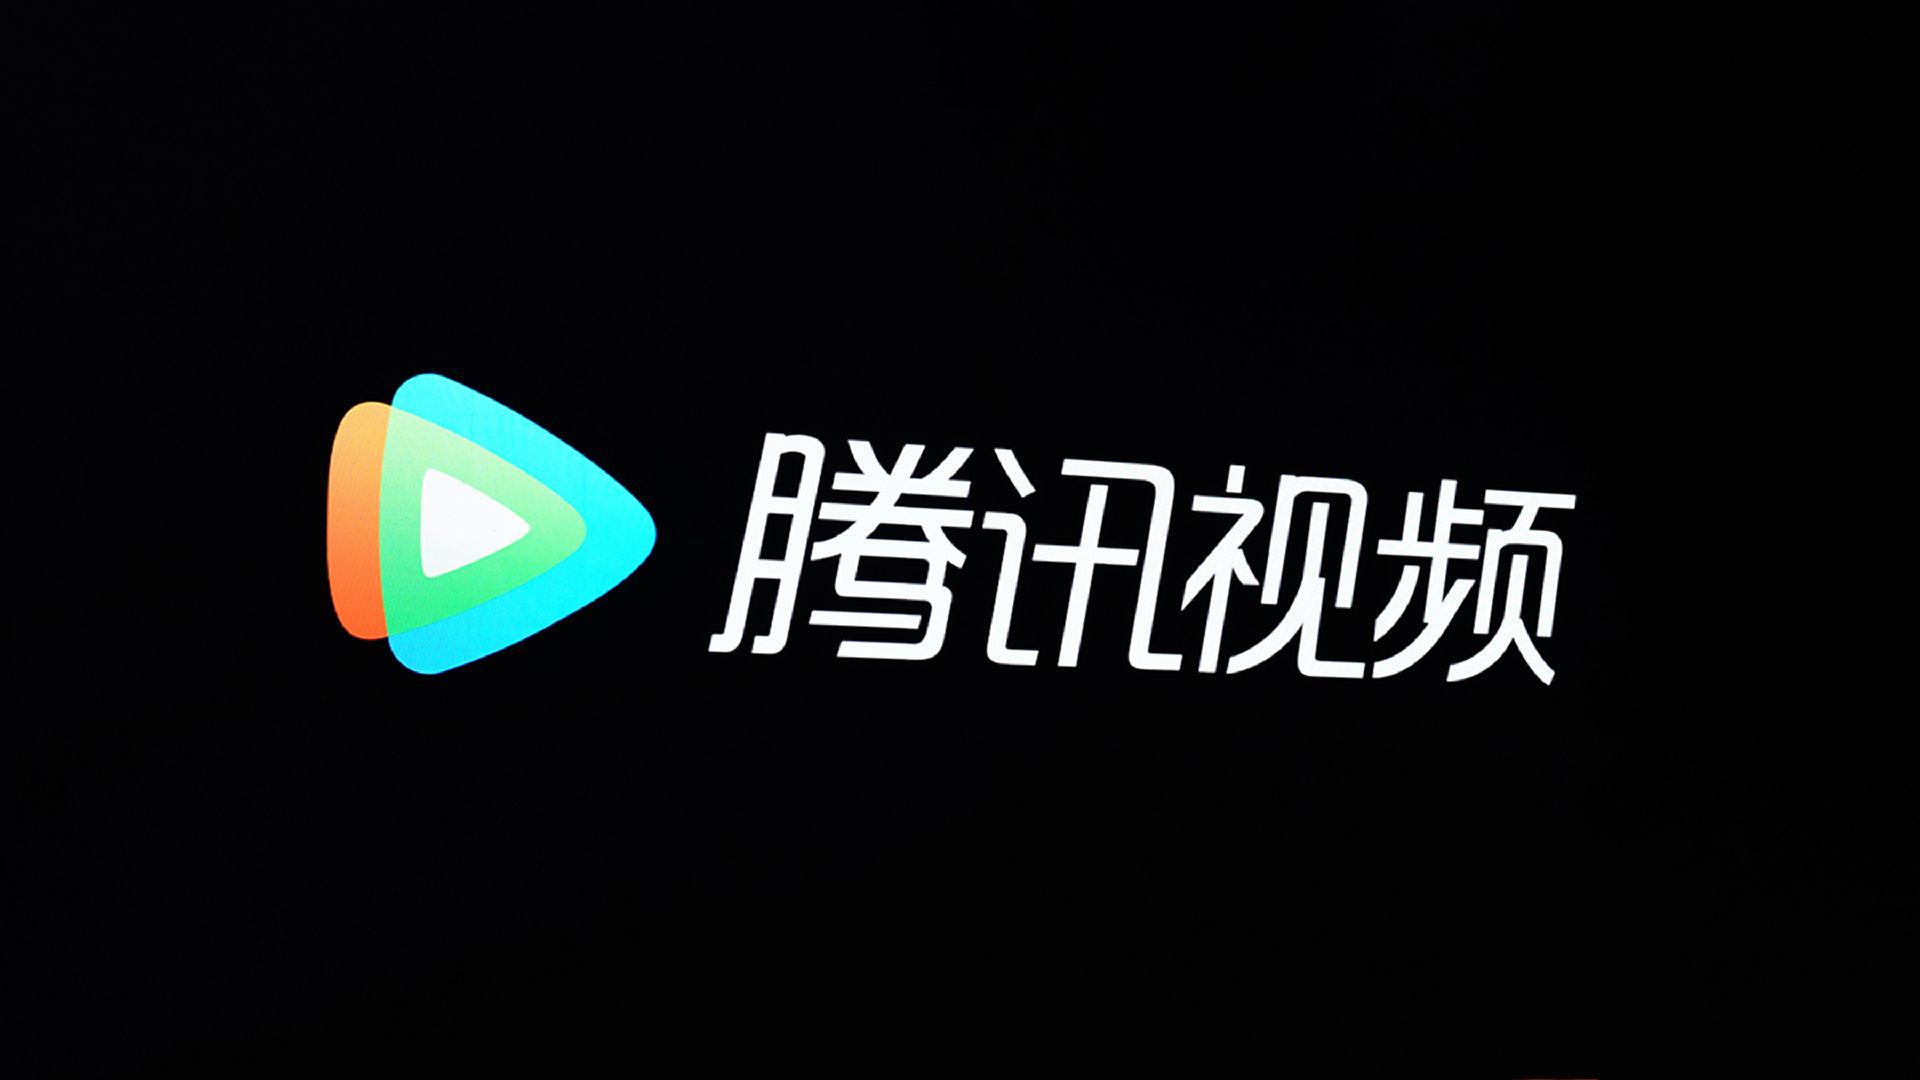 腾讯视频继爱奇艺、B站后发布互动视频技术标准